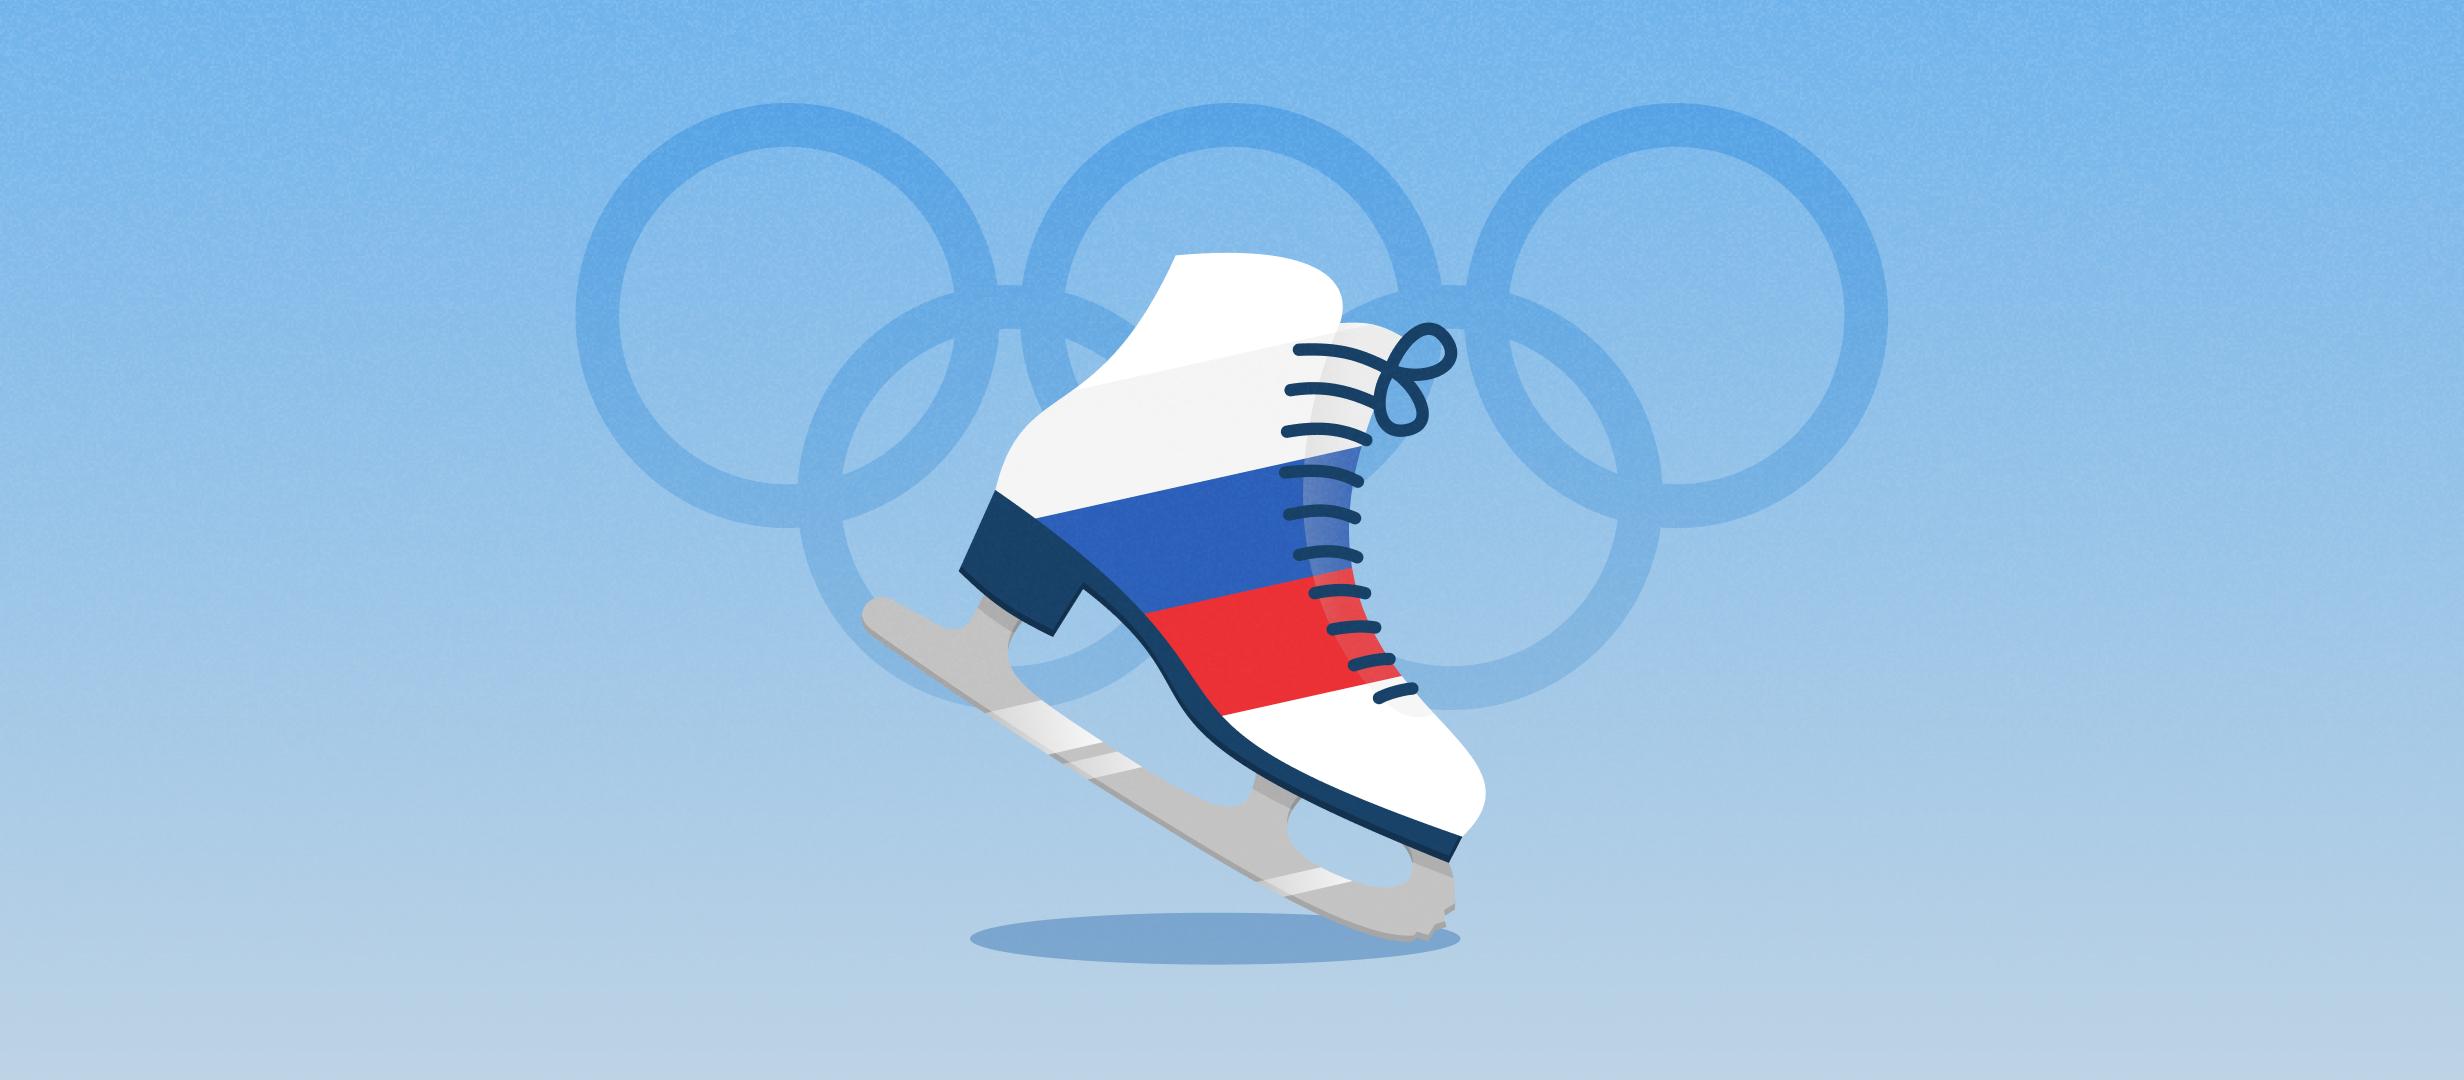 Олимпиада-2022: Валиева и Щербакова — главные фаворитки в женских одиночках